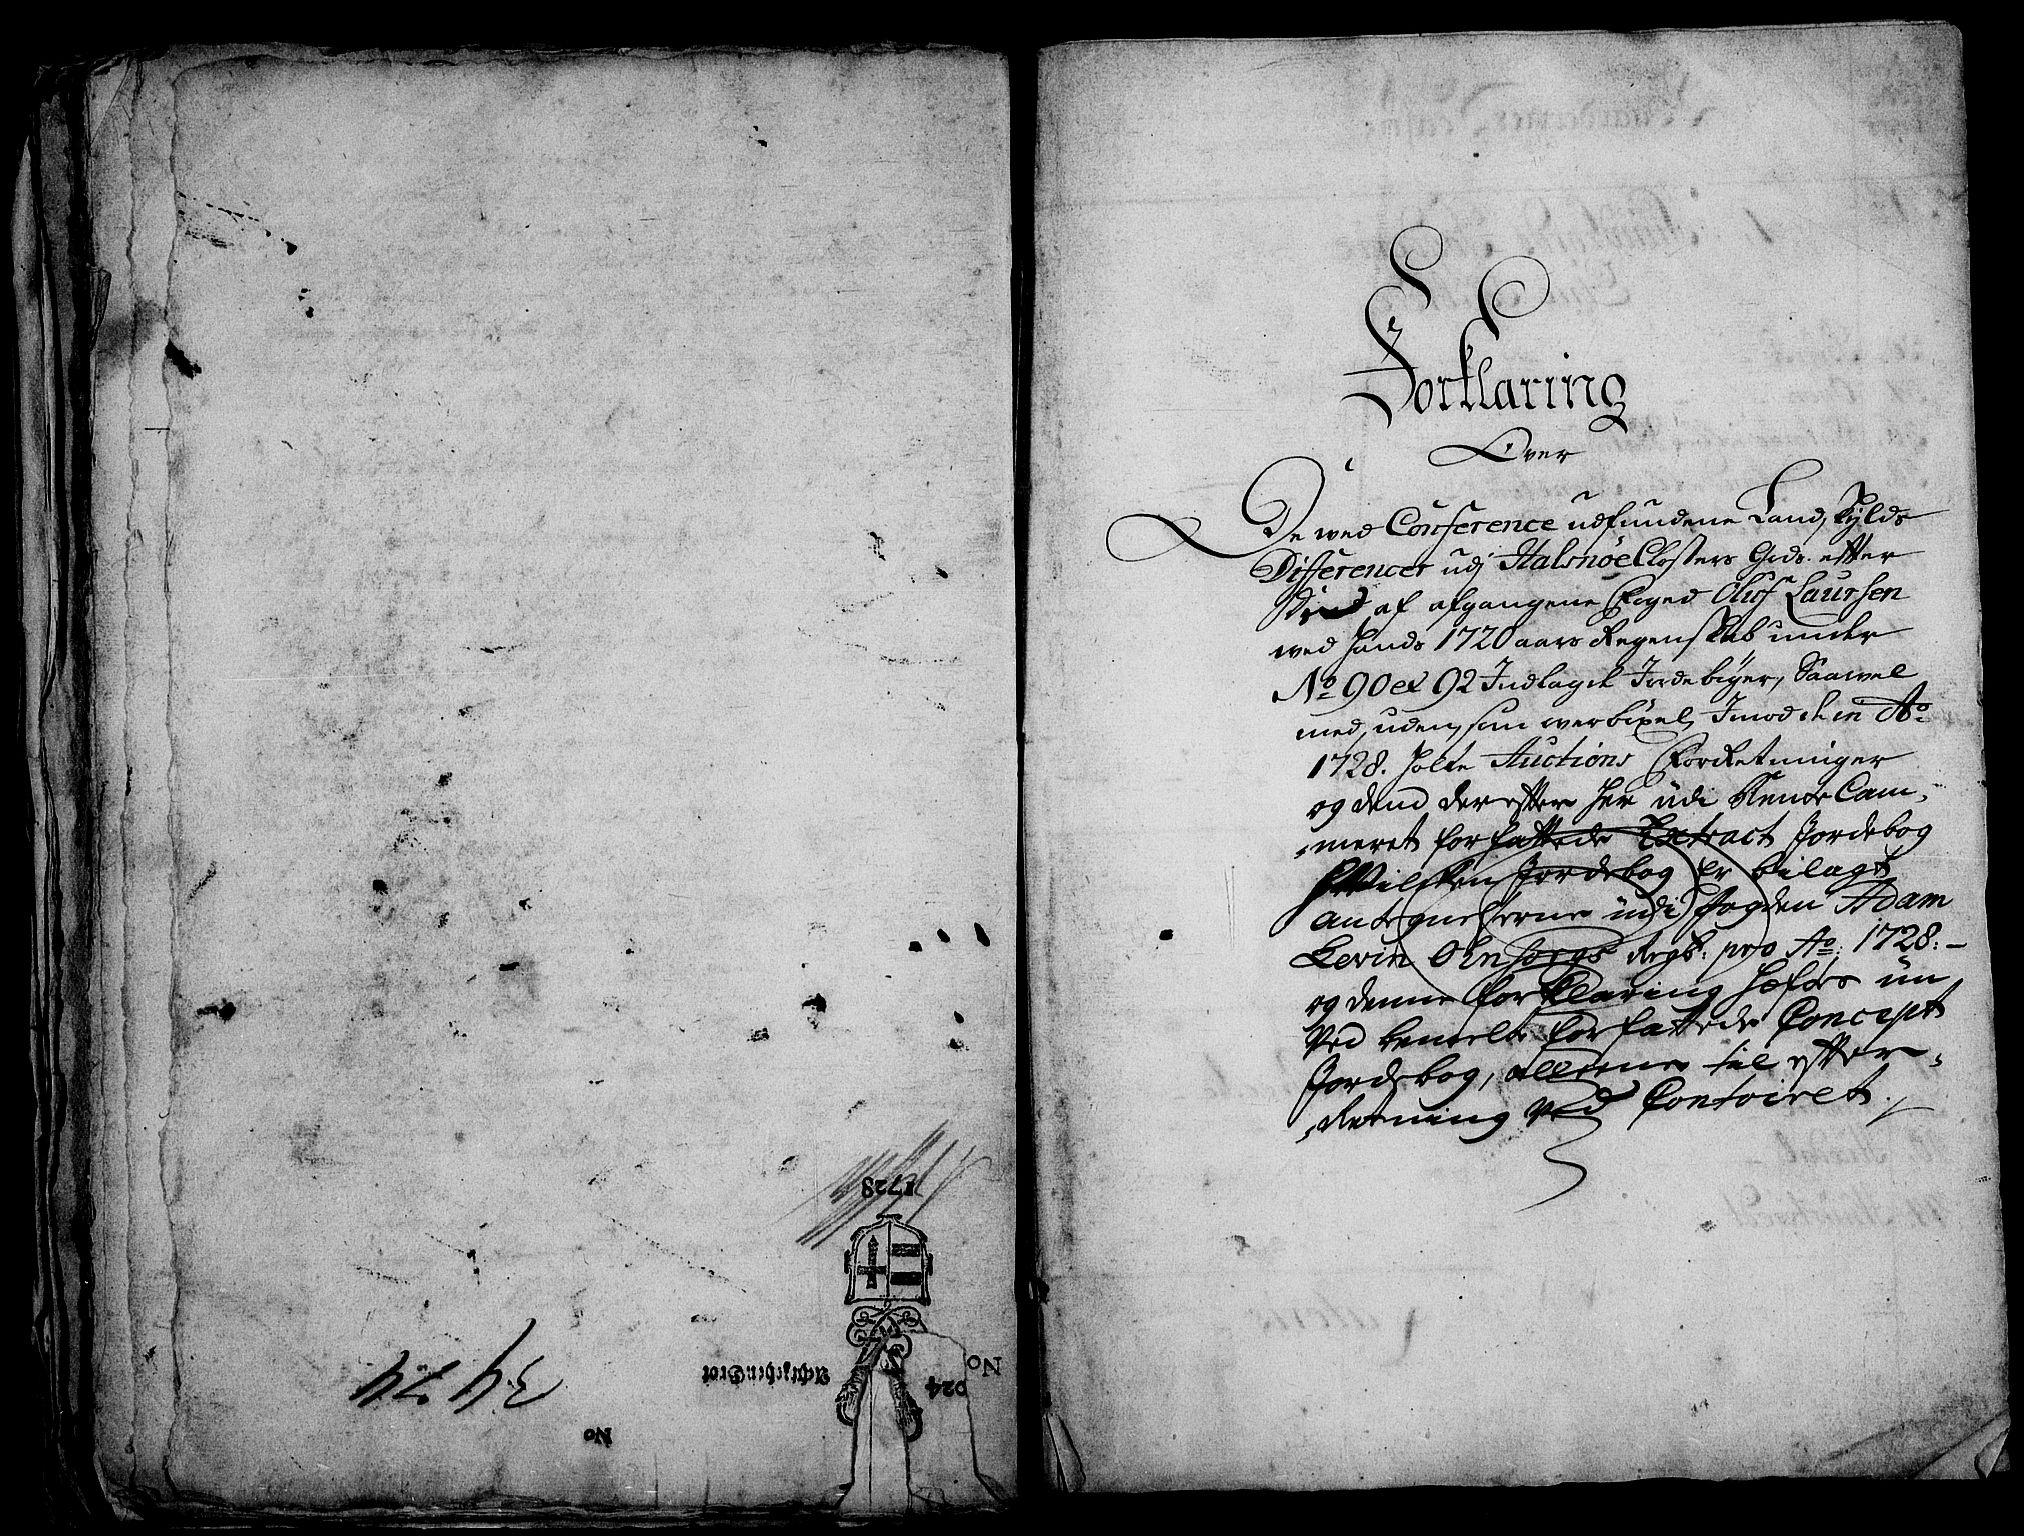 RA, Rentekammeret inntil 1814, Realistisk ordnet avdeling, On/L0003: [Jj 4]: Kommisjonsforretning over Vilhelm Hanssøns forpaktning av Halsnøy klosters gods, 1721-1729, s. 495